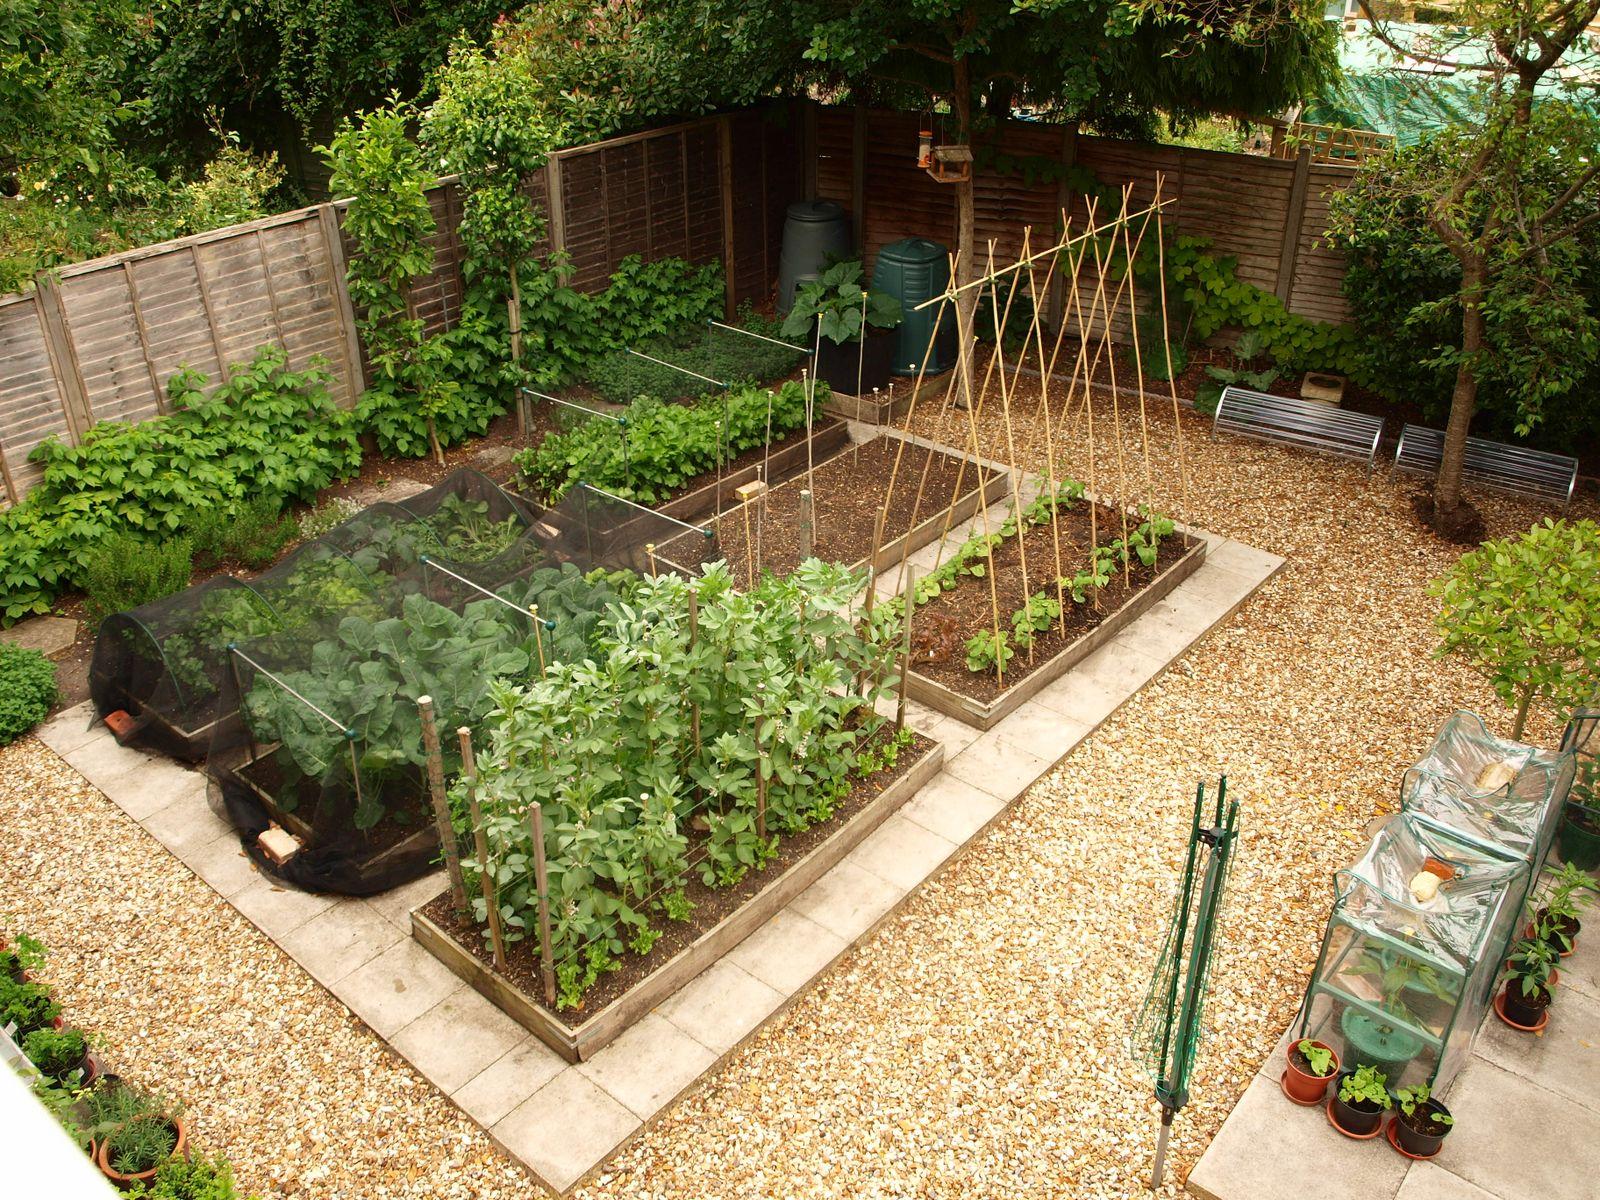 Marks Veg Plot Gardening advice for Beginners  Part 1